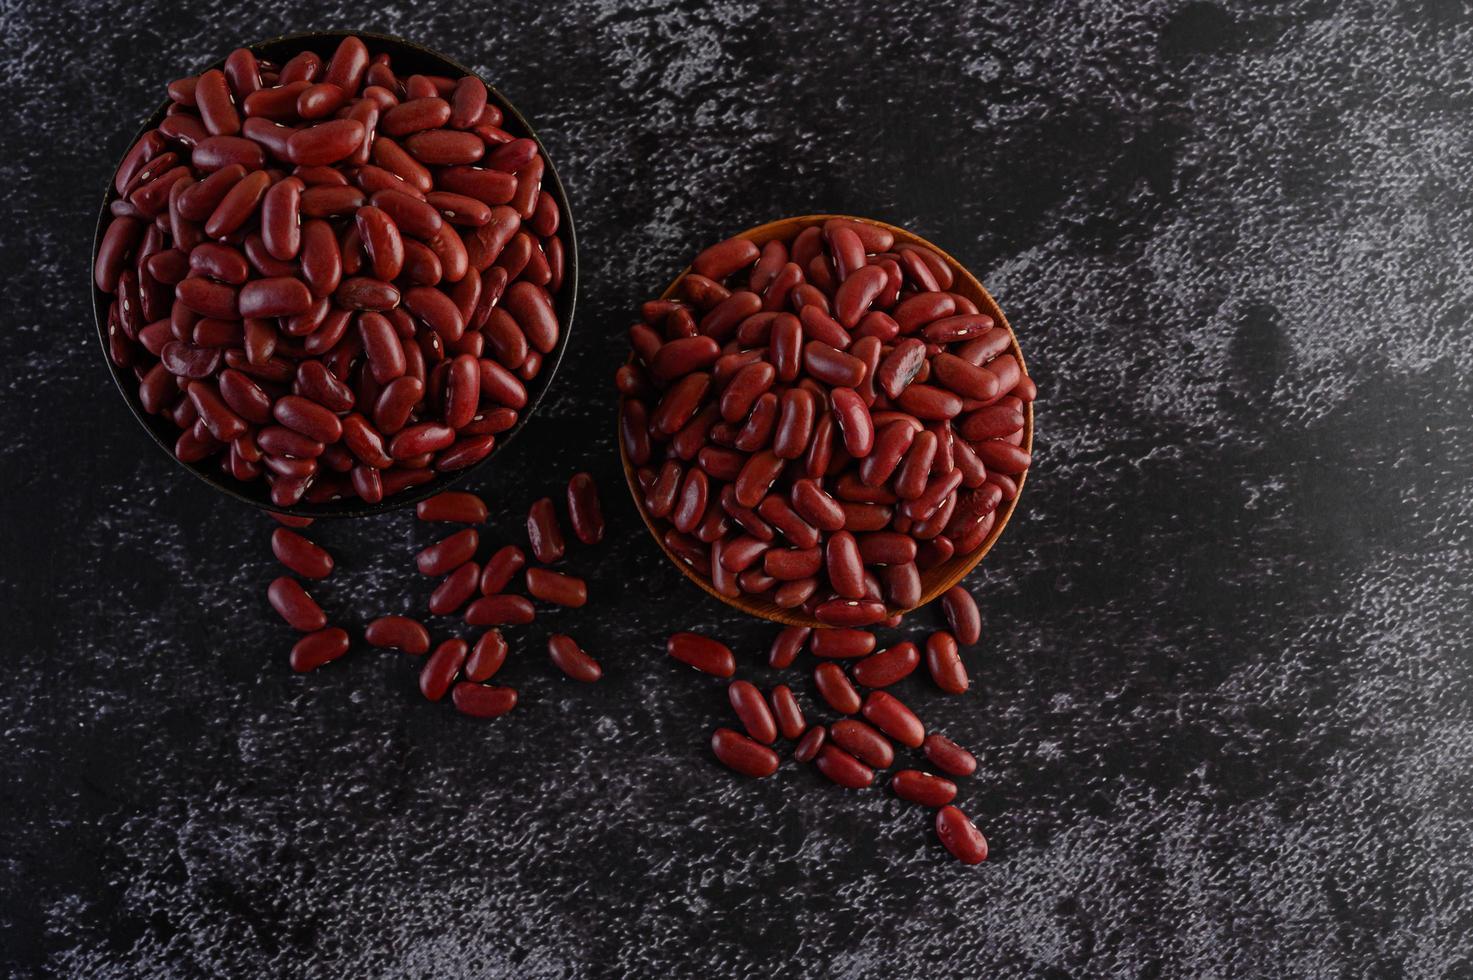 rode bonen in een houten kom foto